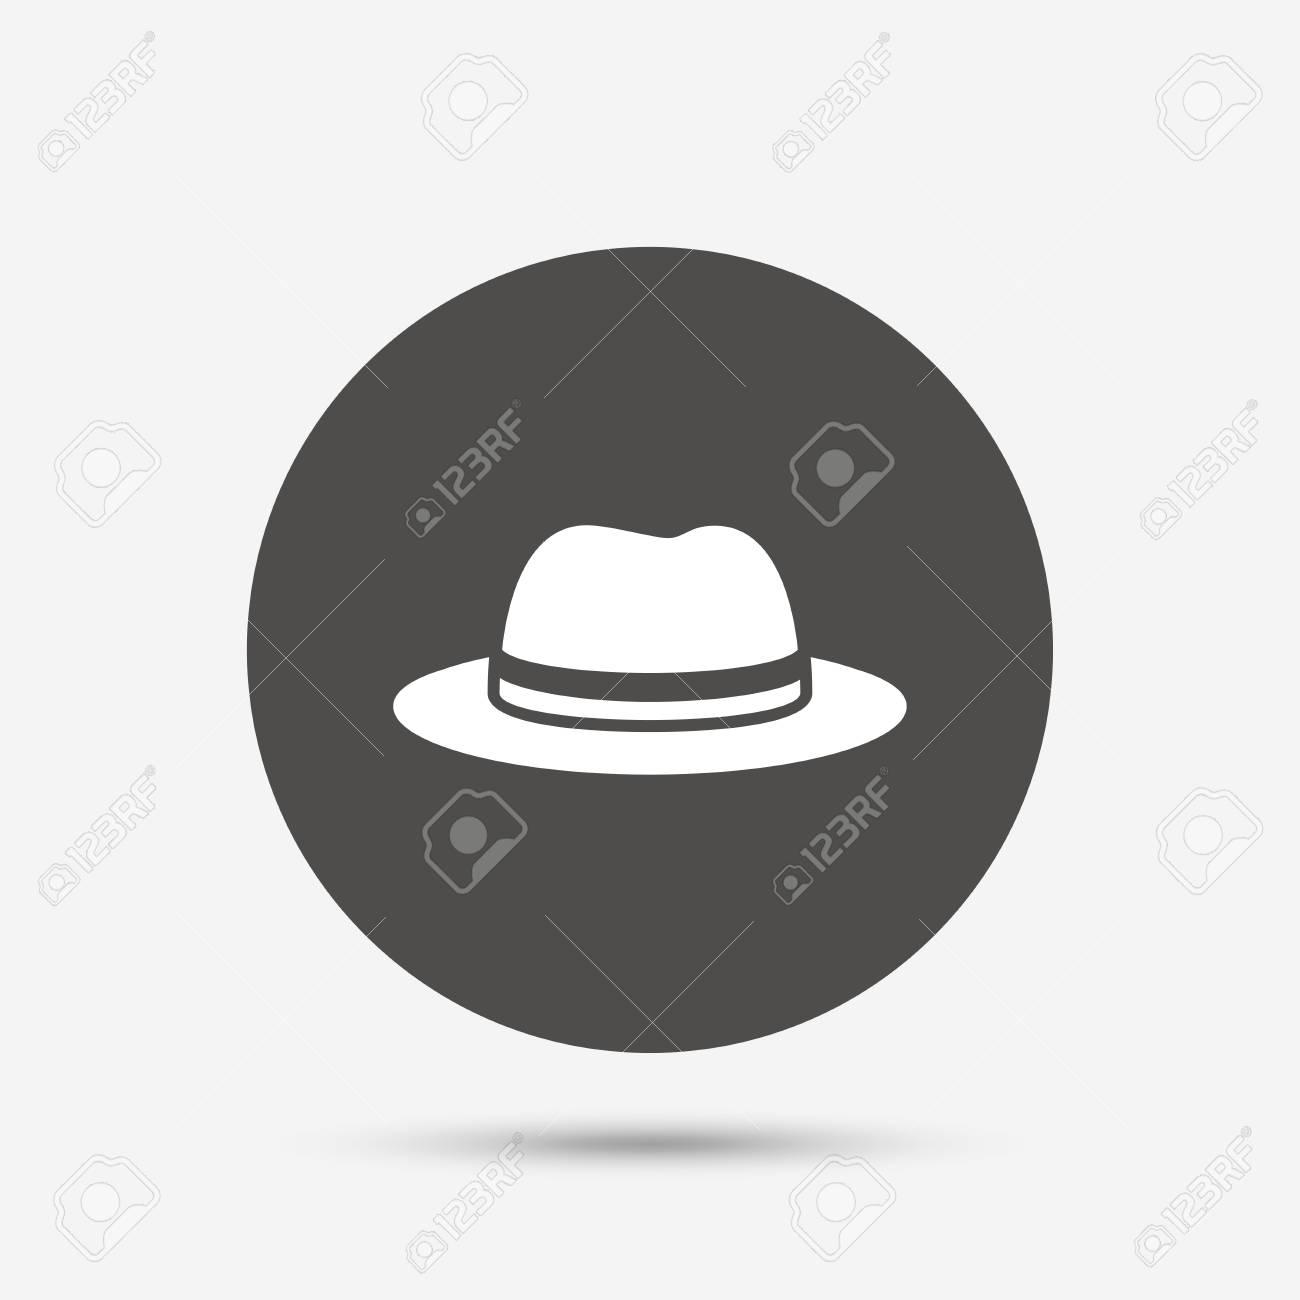 44fdb0e52120d Foto de archivo - Icono superior signo sombrero. símbolo tocado clásico.  botón círculo gris con el icono. Vector